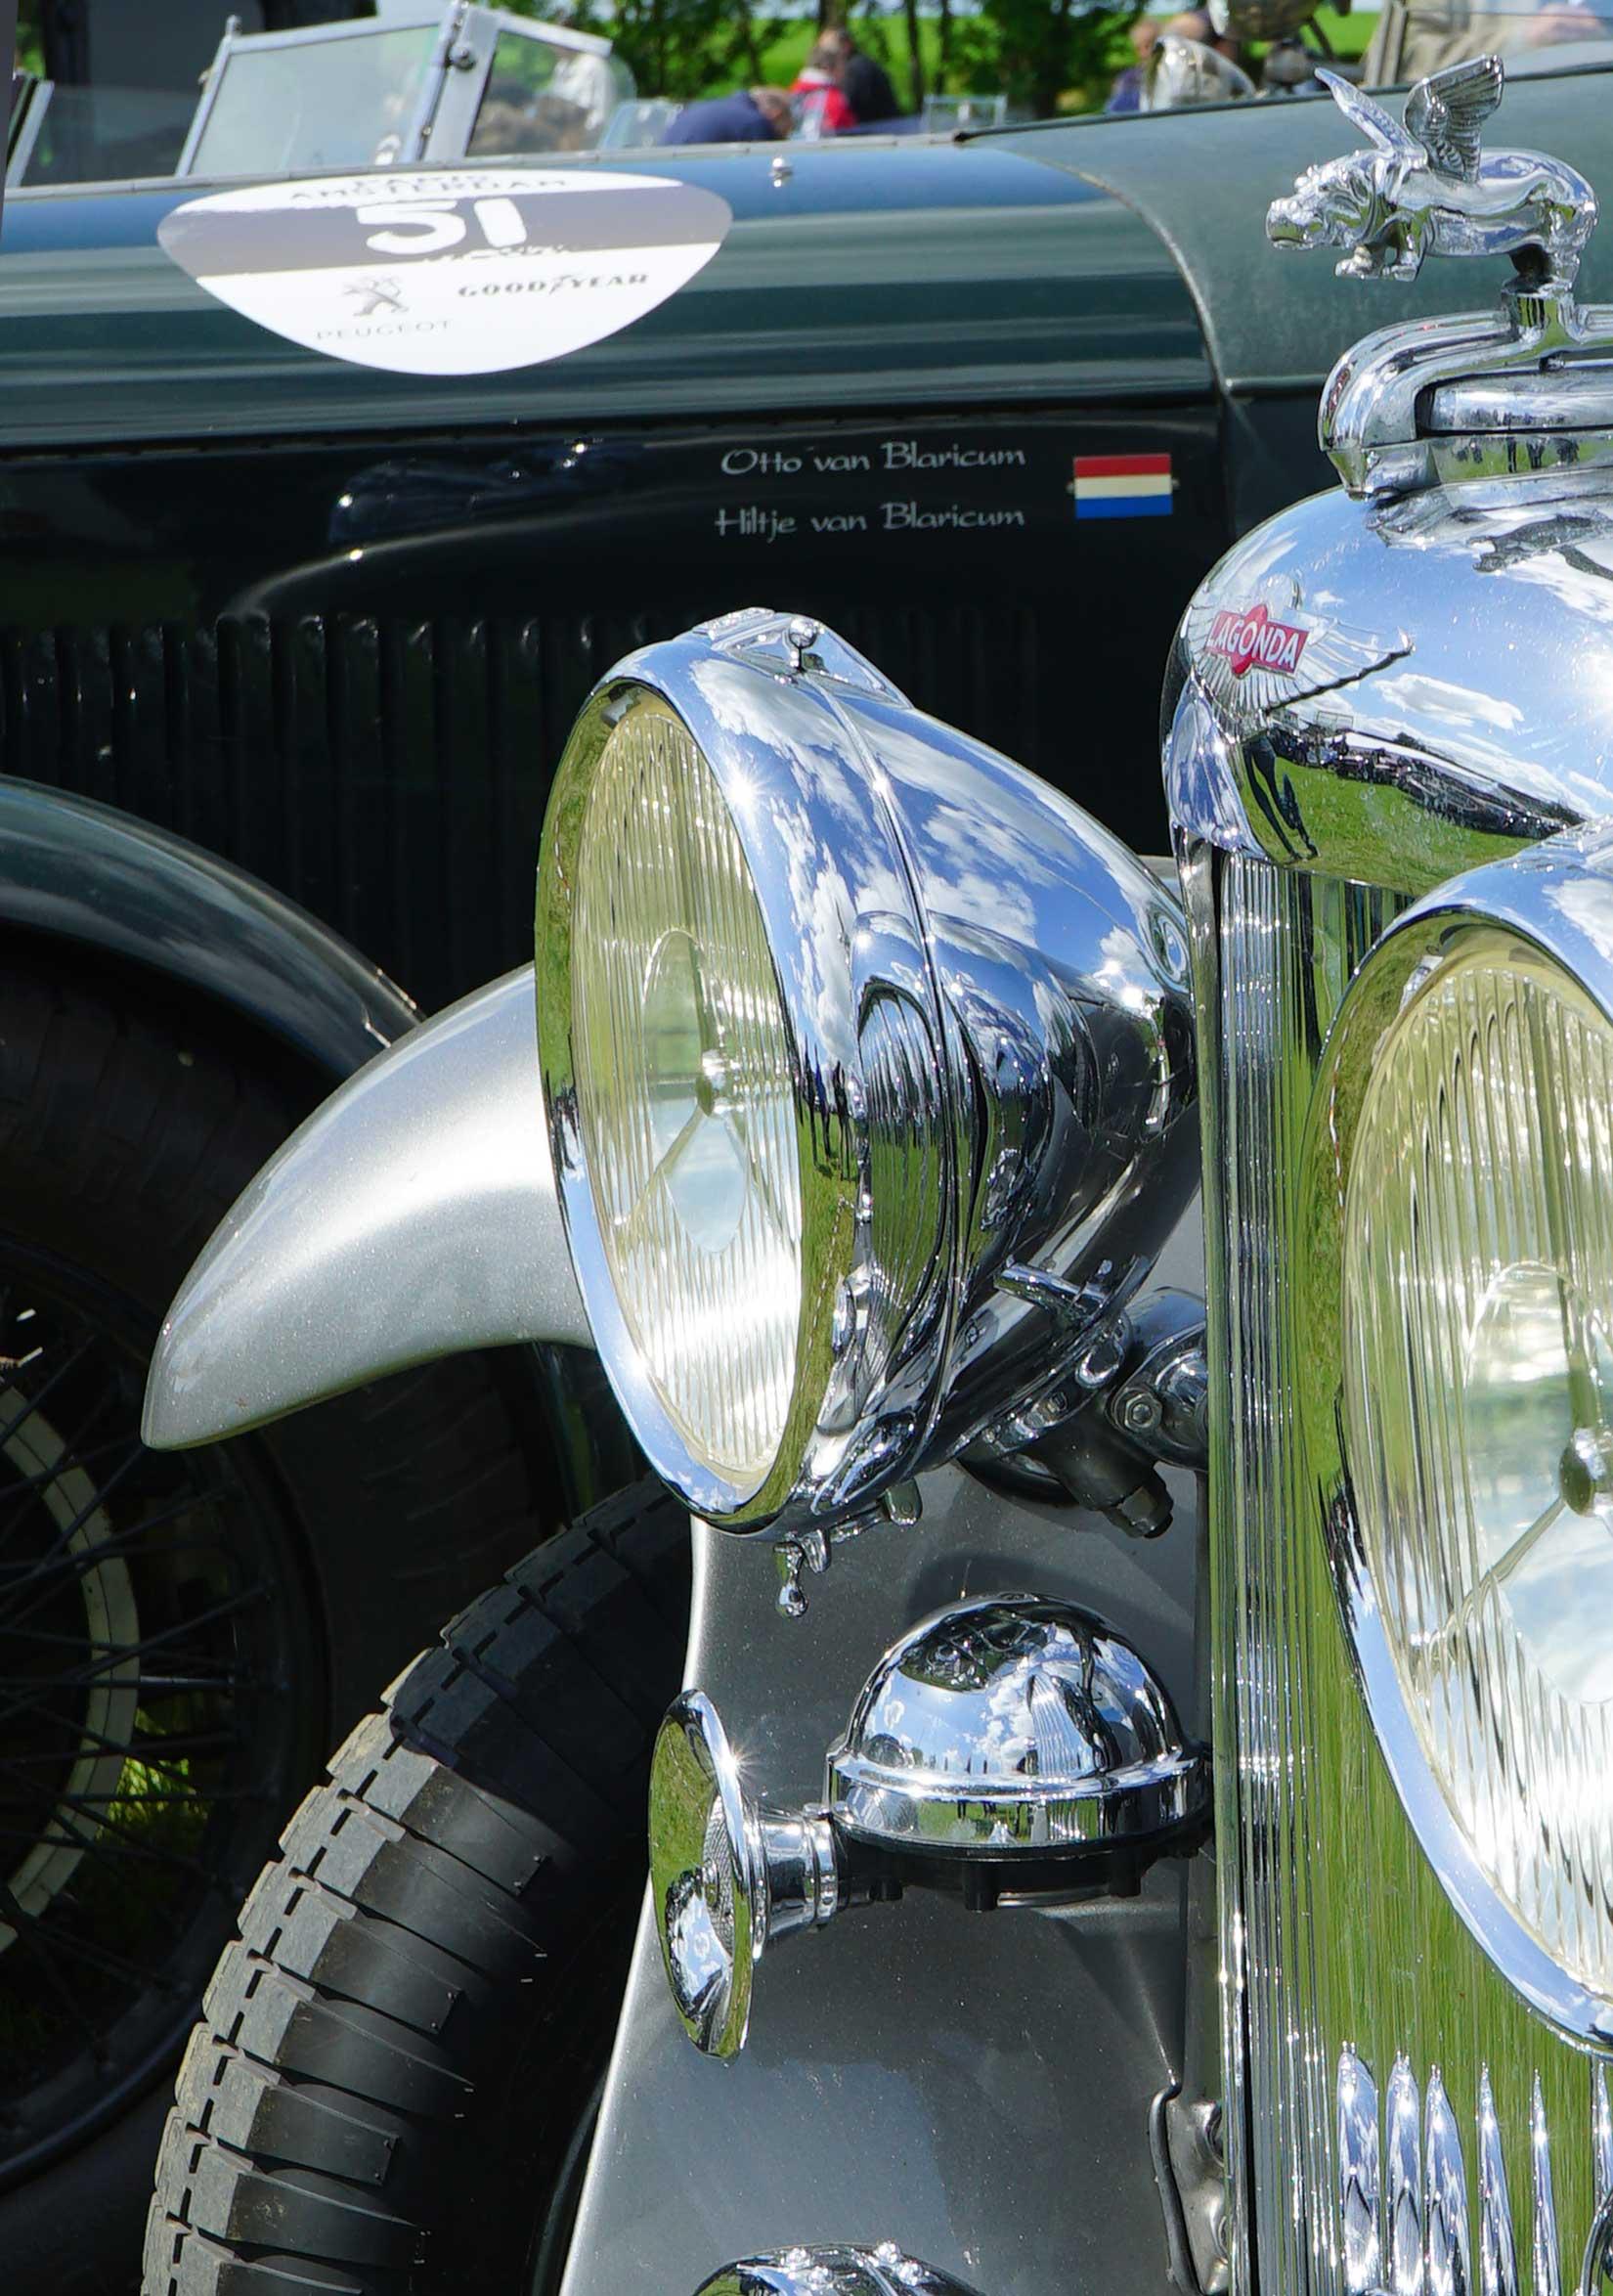 Lagonda M45 Rapid